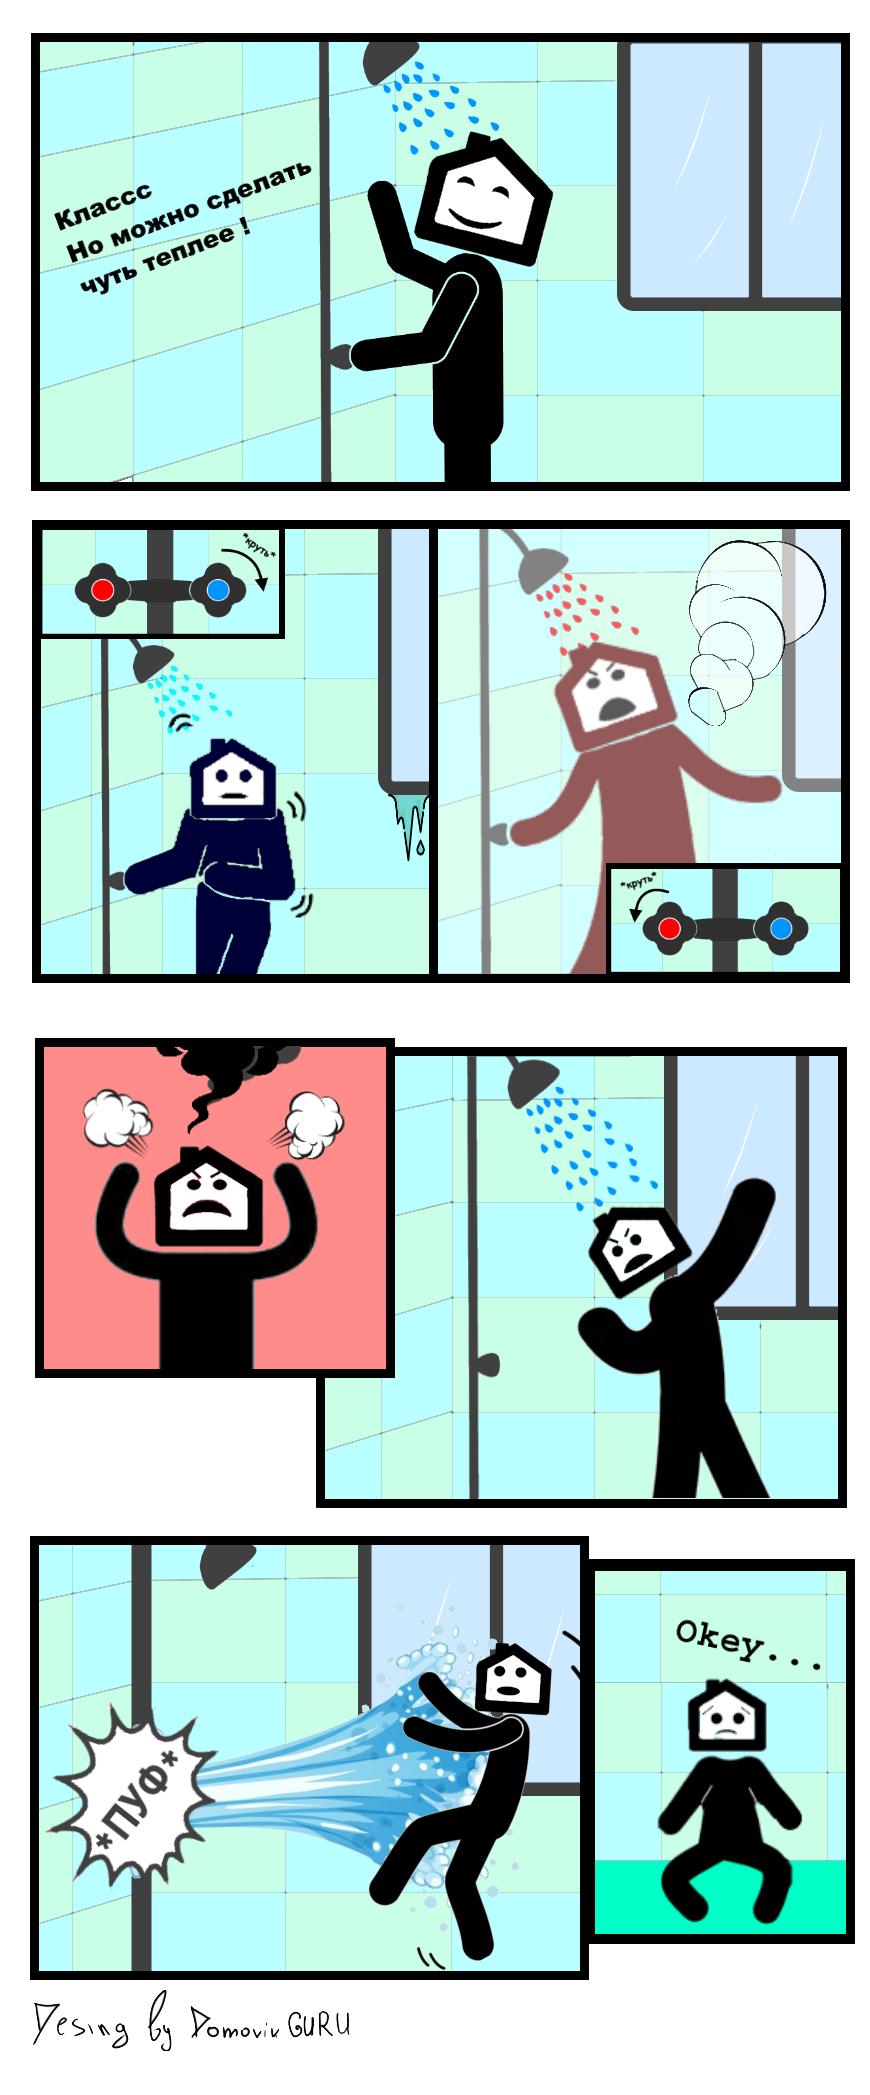 Водные процедуры - комиксы о недвижимости